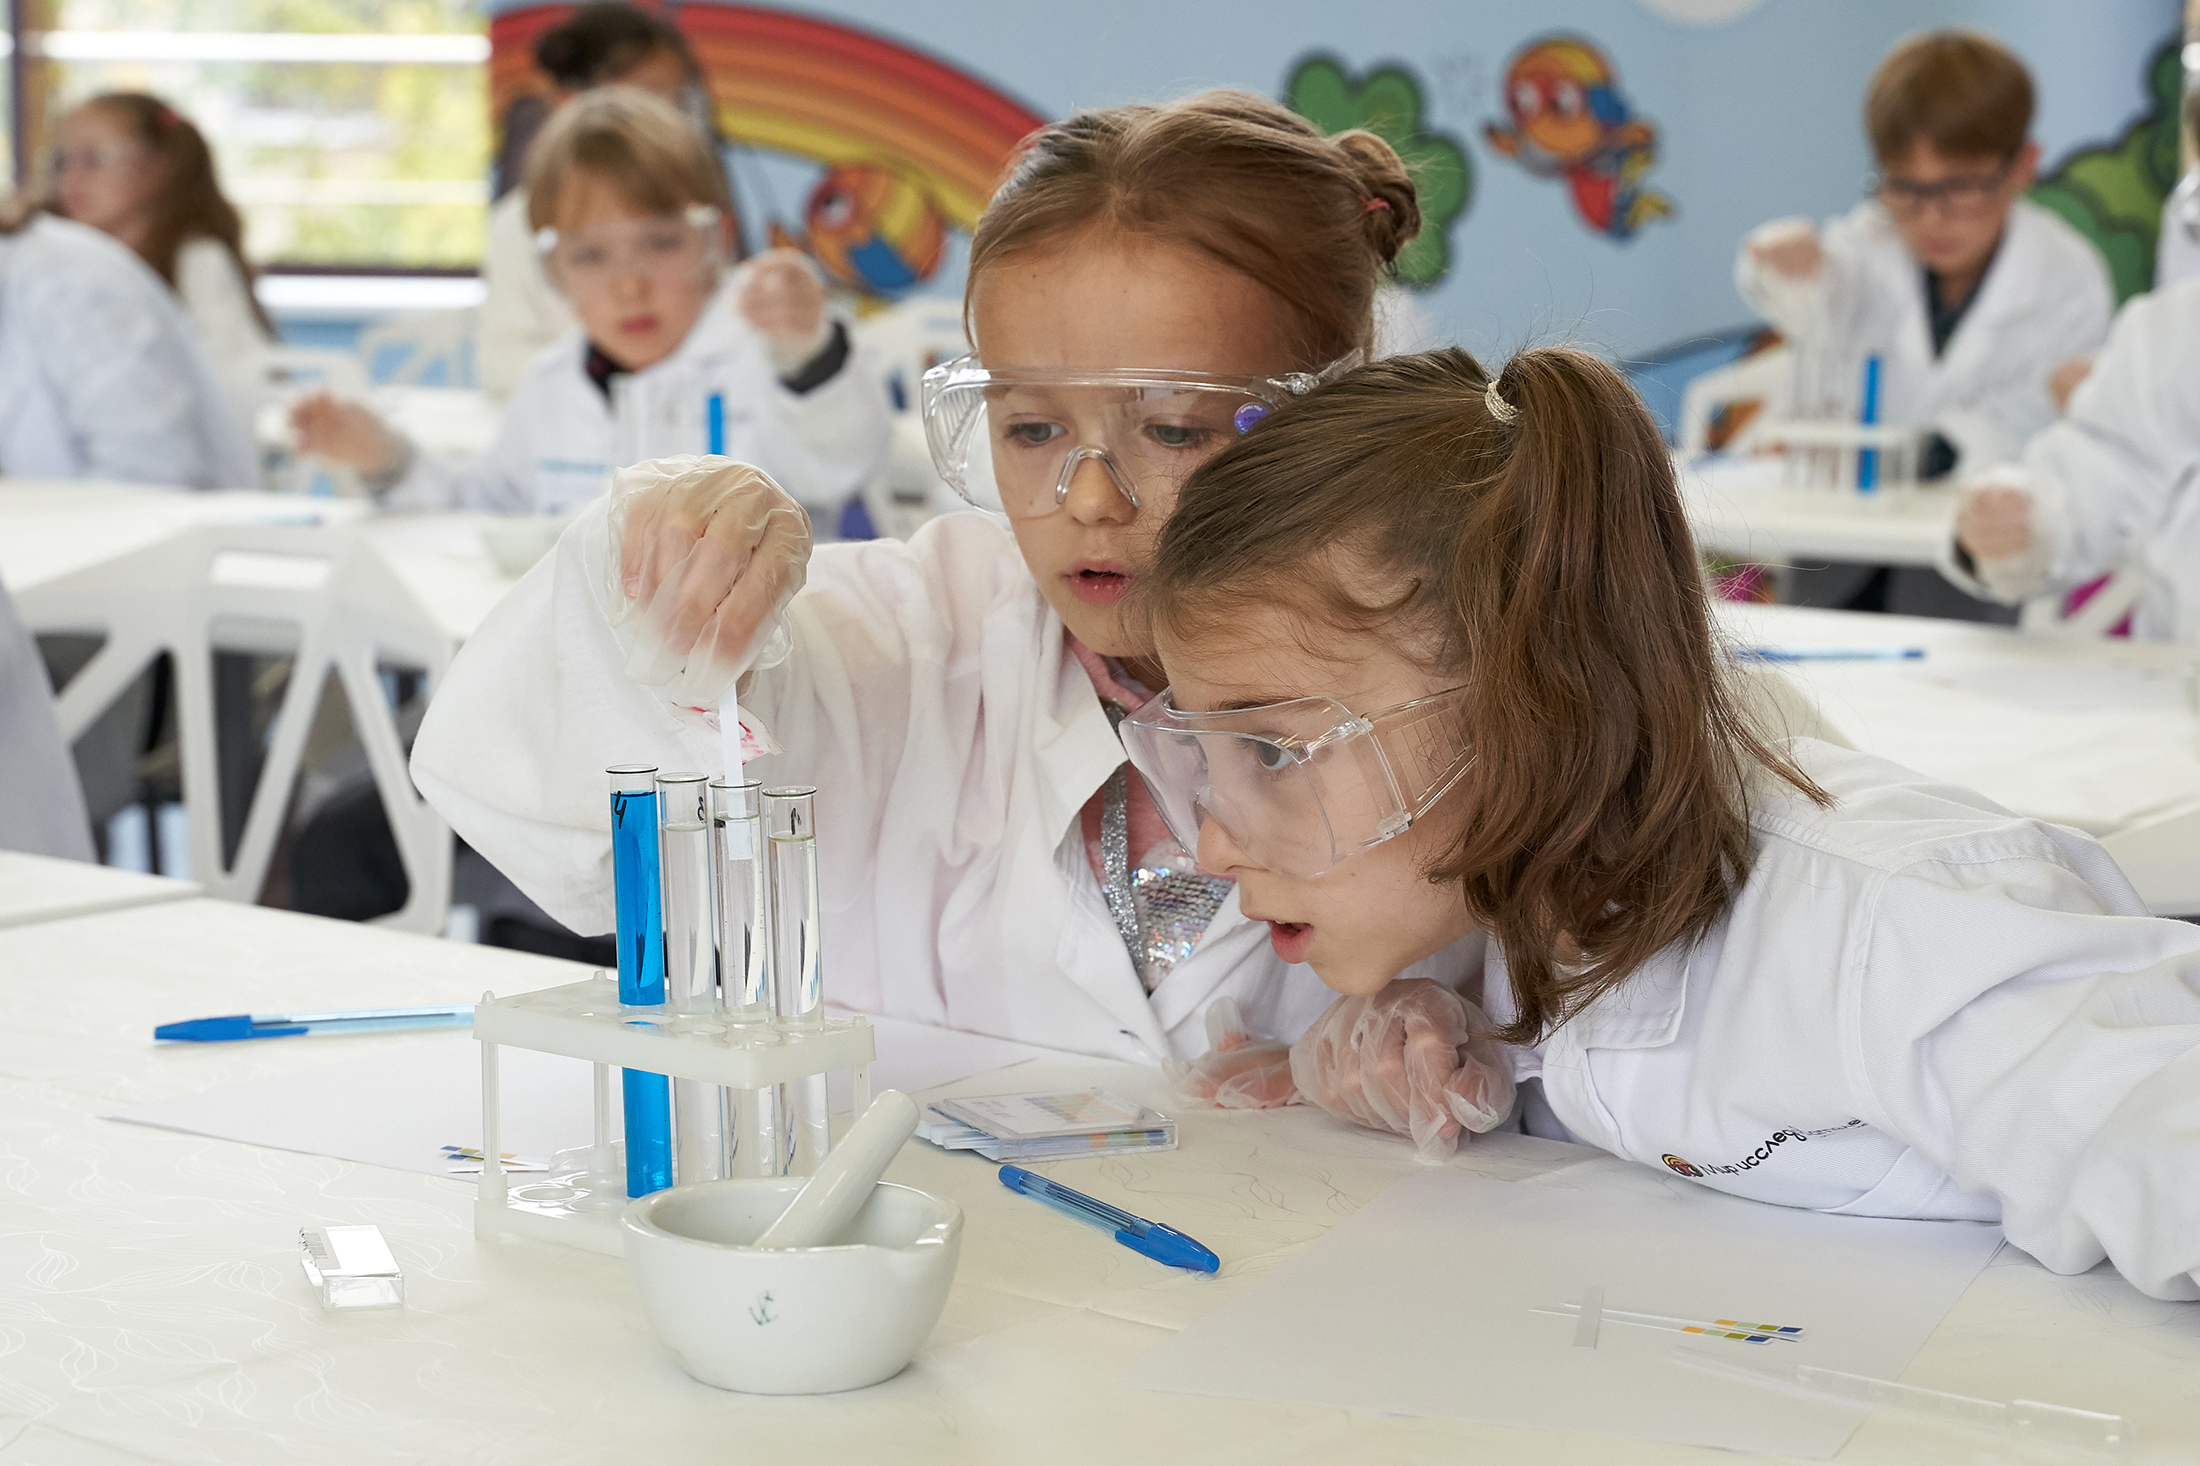 С помощью лакмусовой бумаги дети научились определять кислотность растворов.